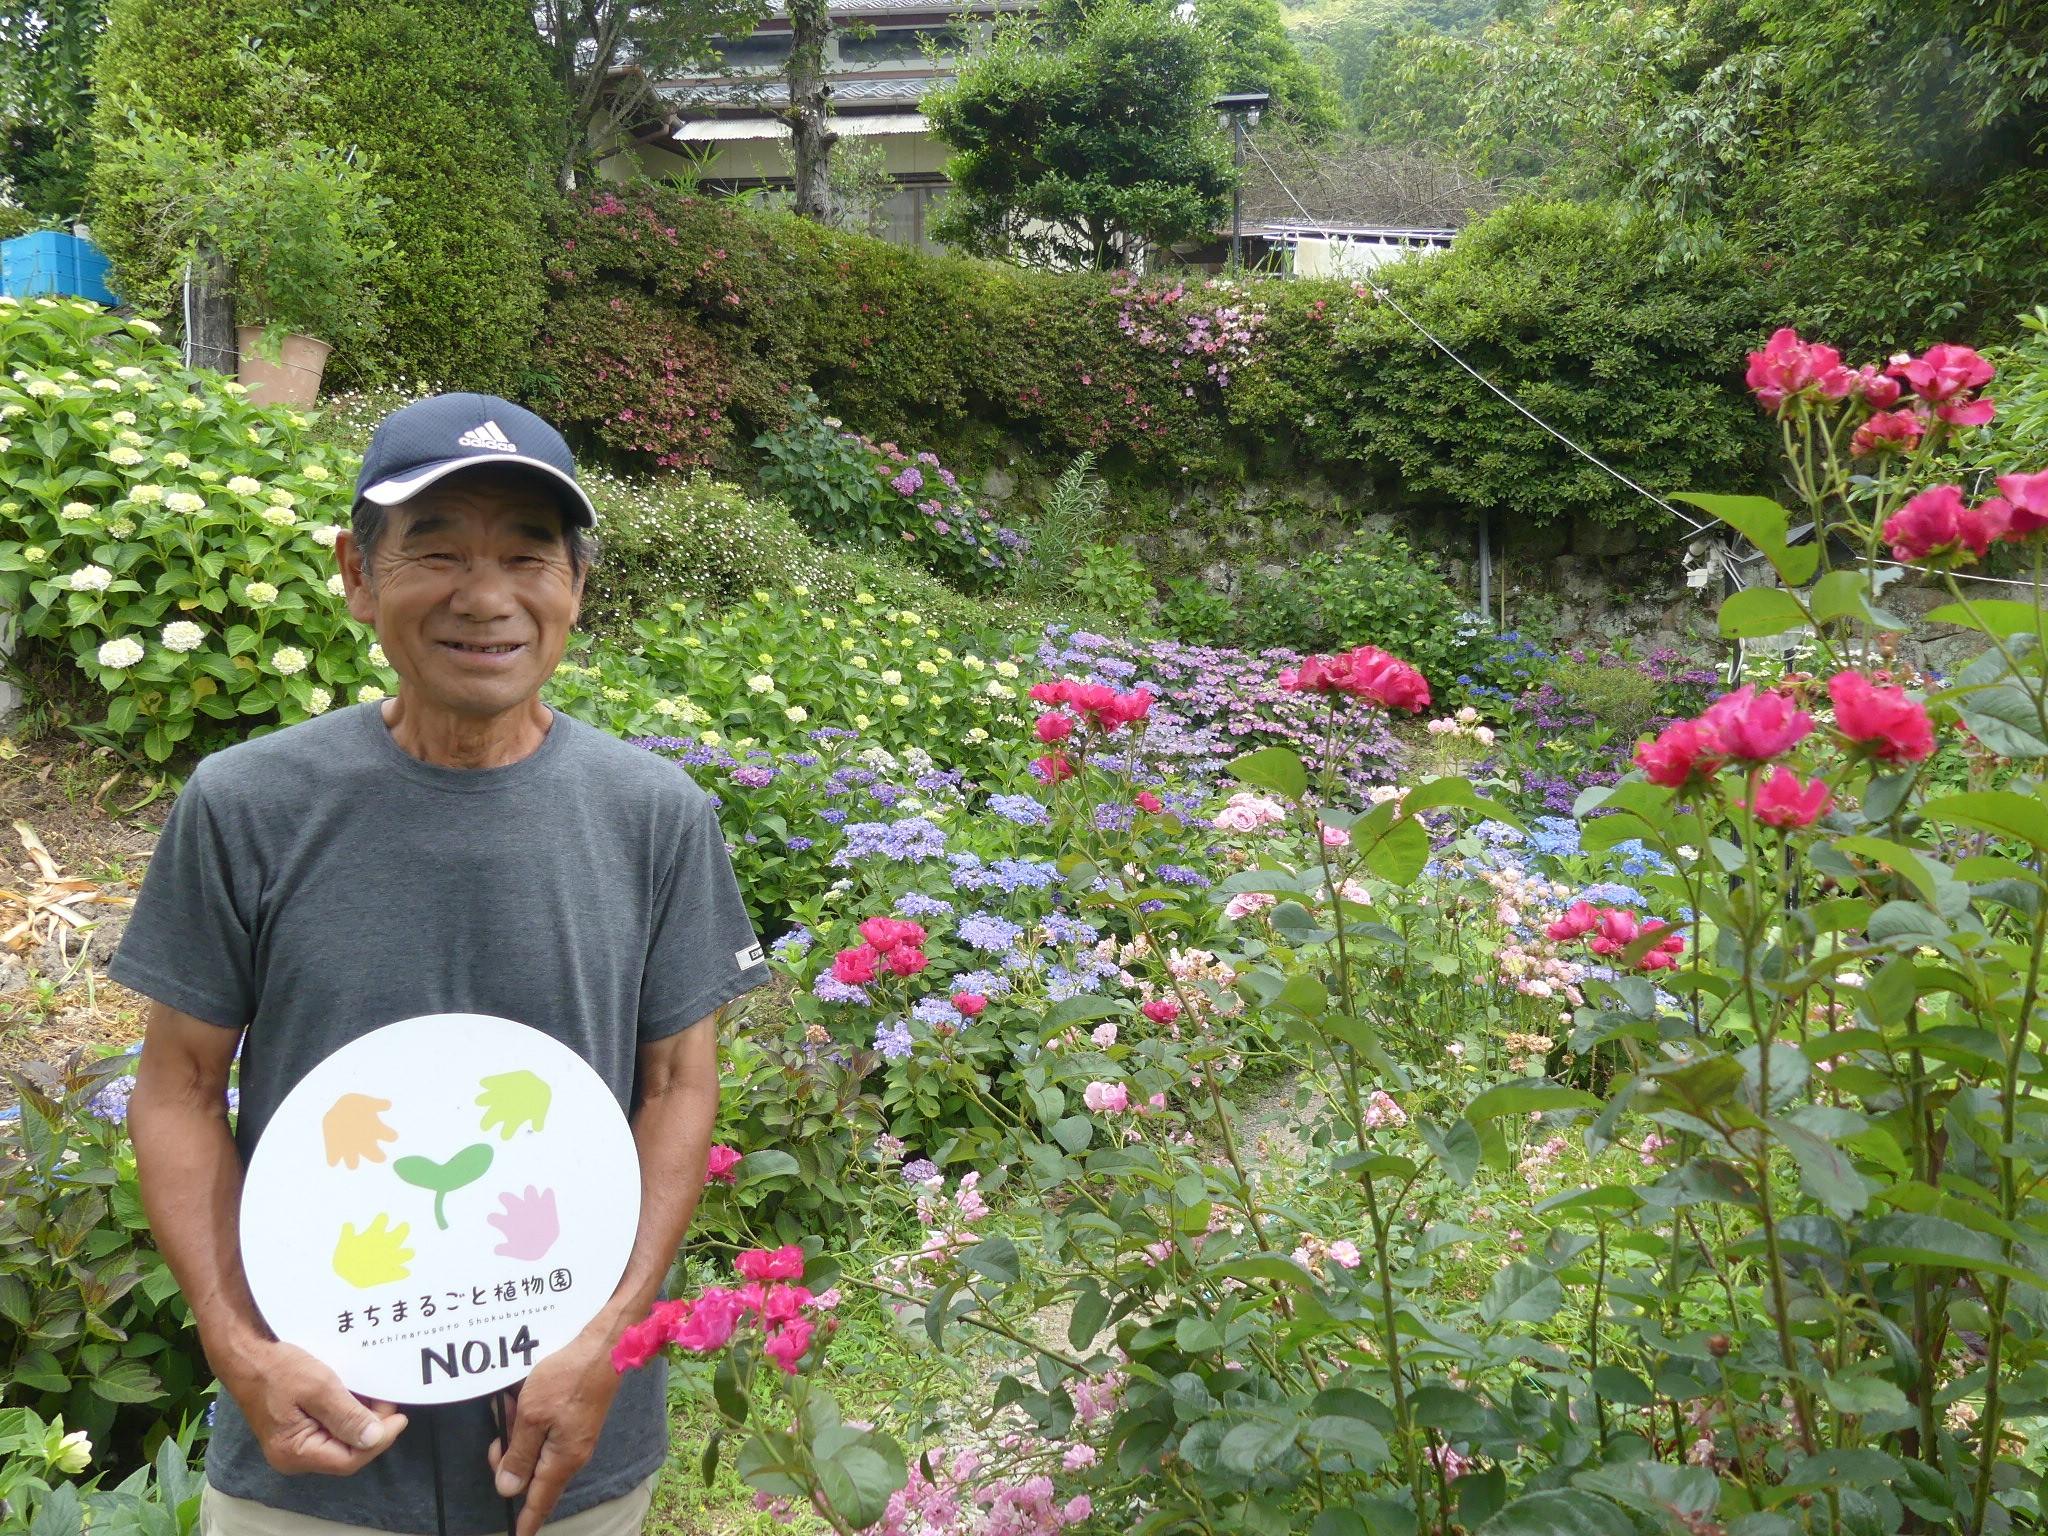 𠮷村義孝さんのお庭